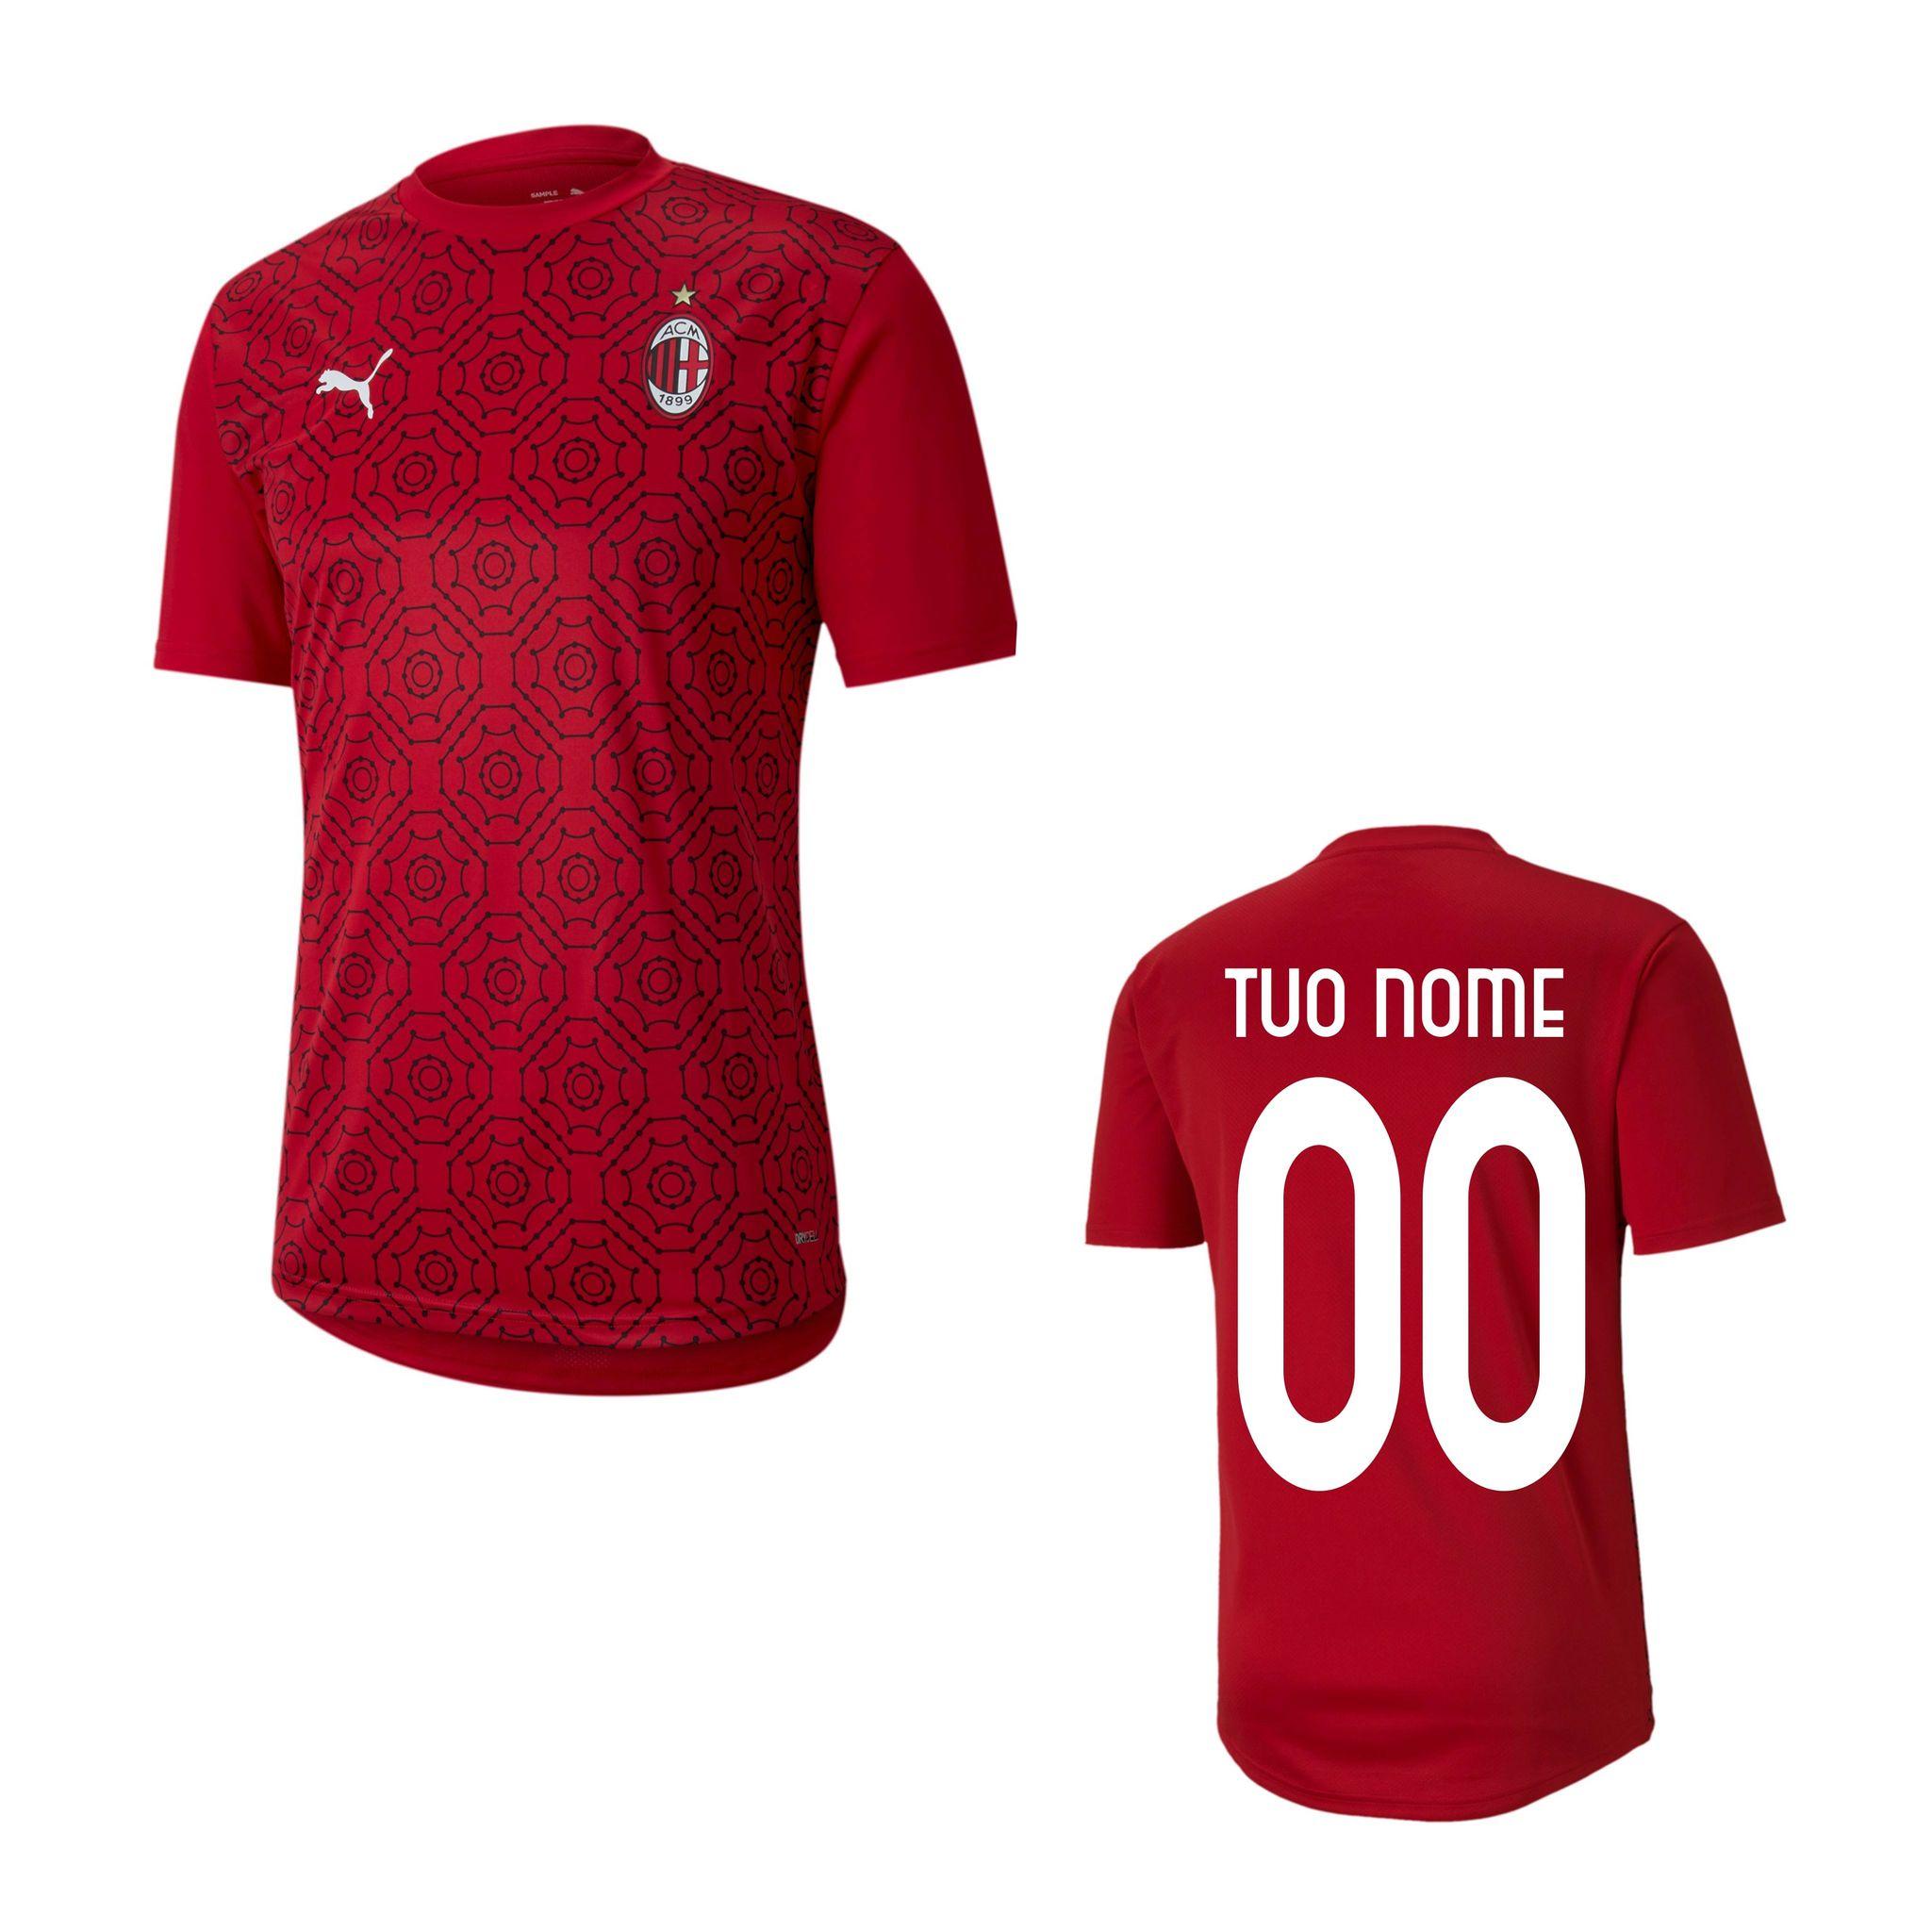 Maglia Allenamento Prematch Rossa Ufficiale Puma A.C. Milan 2020/2021